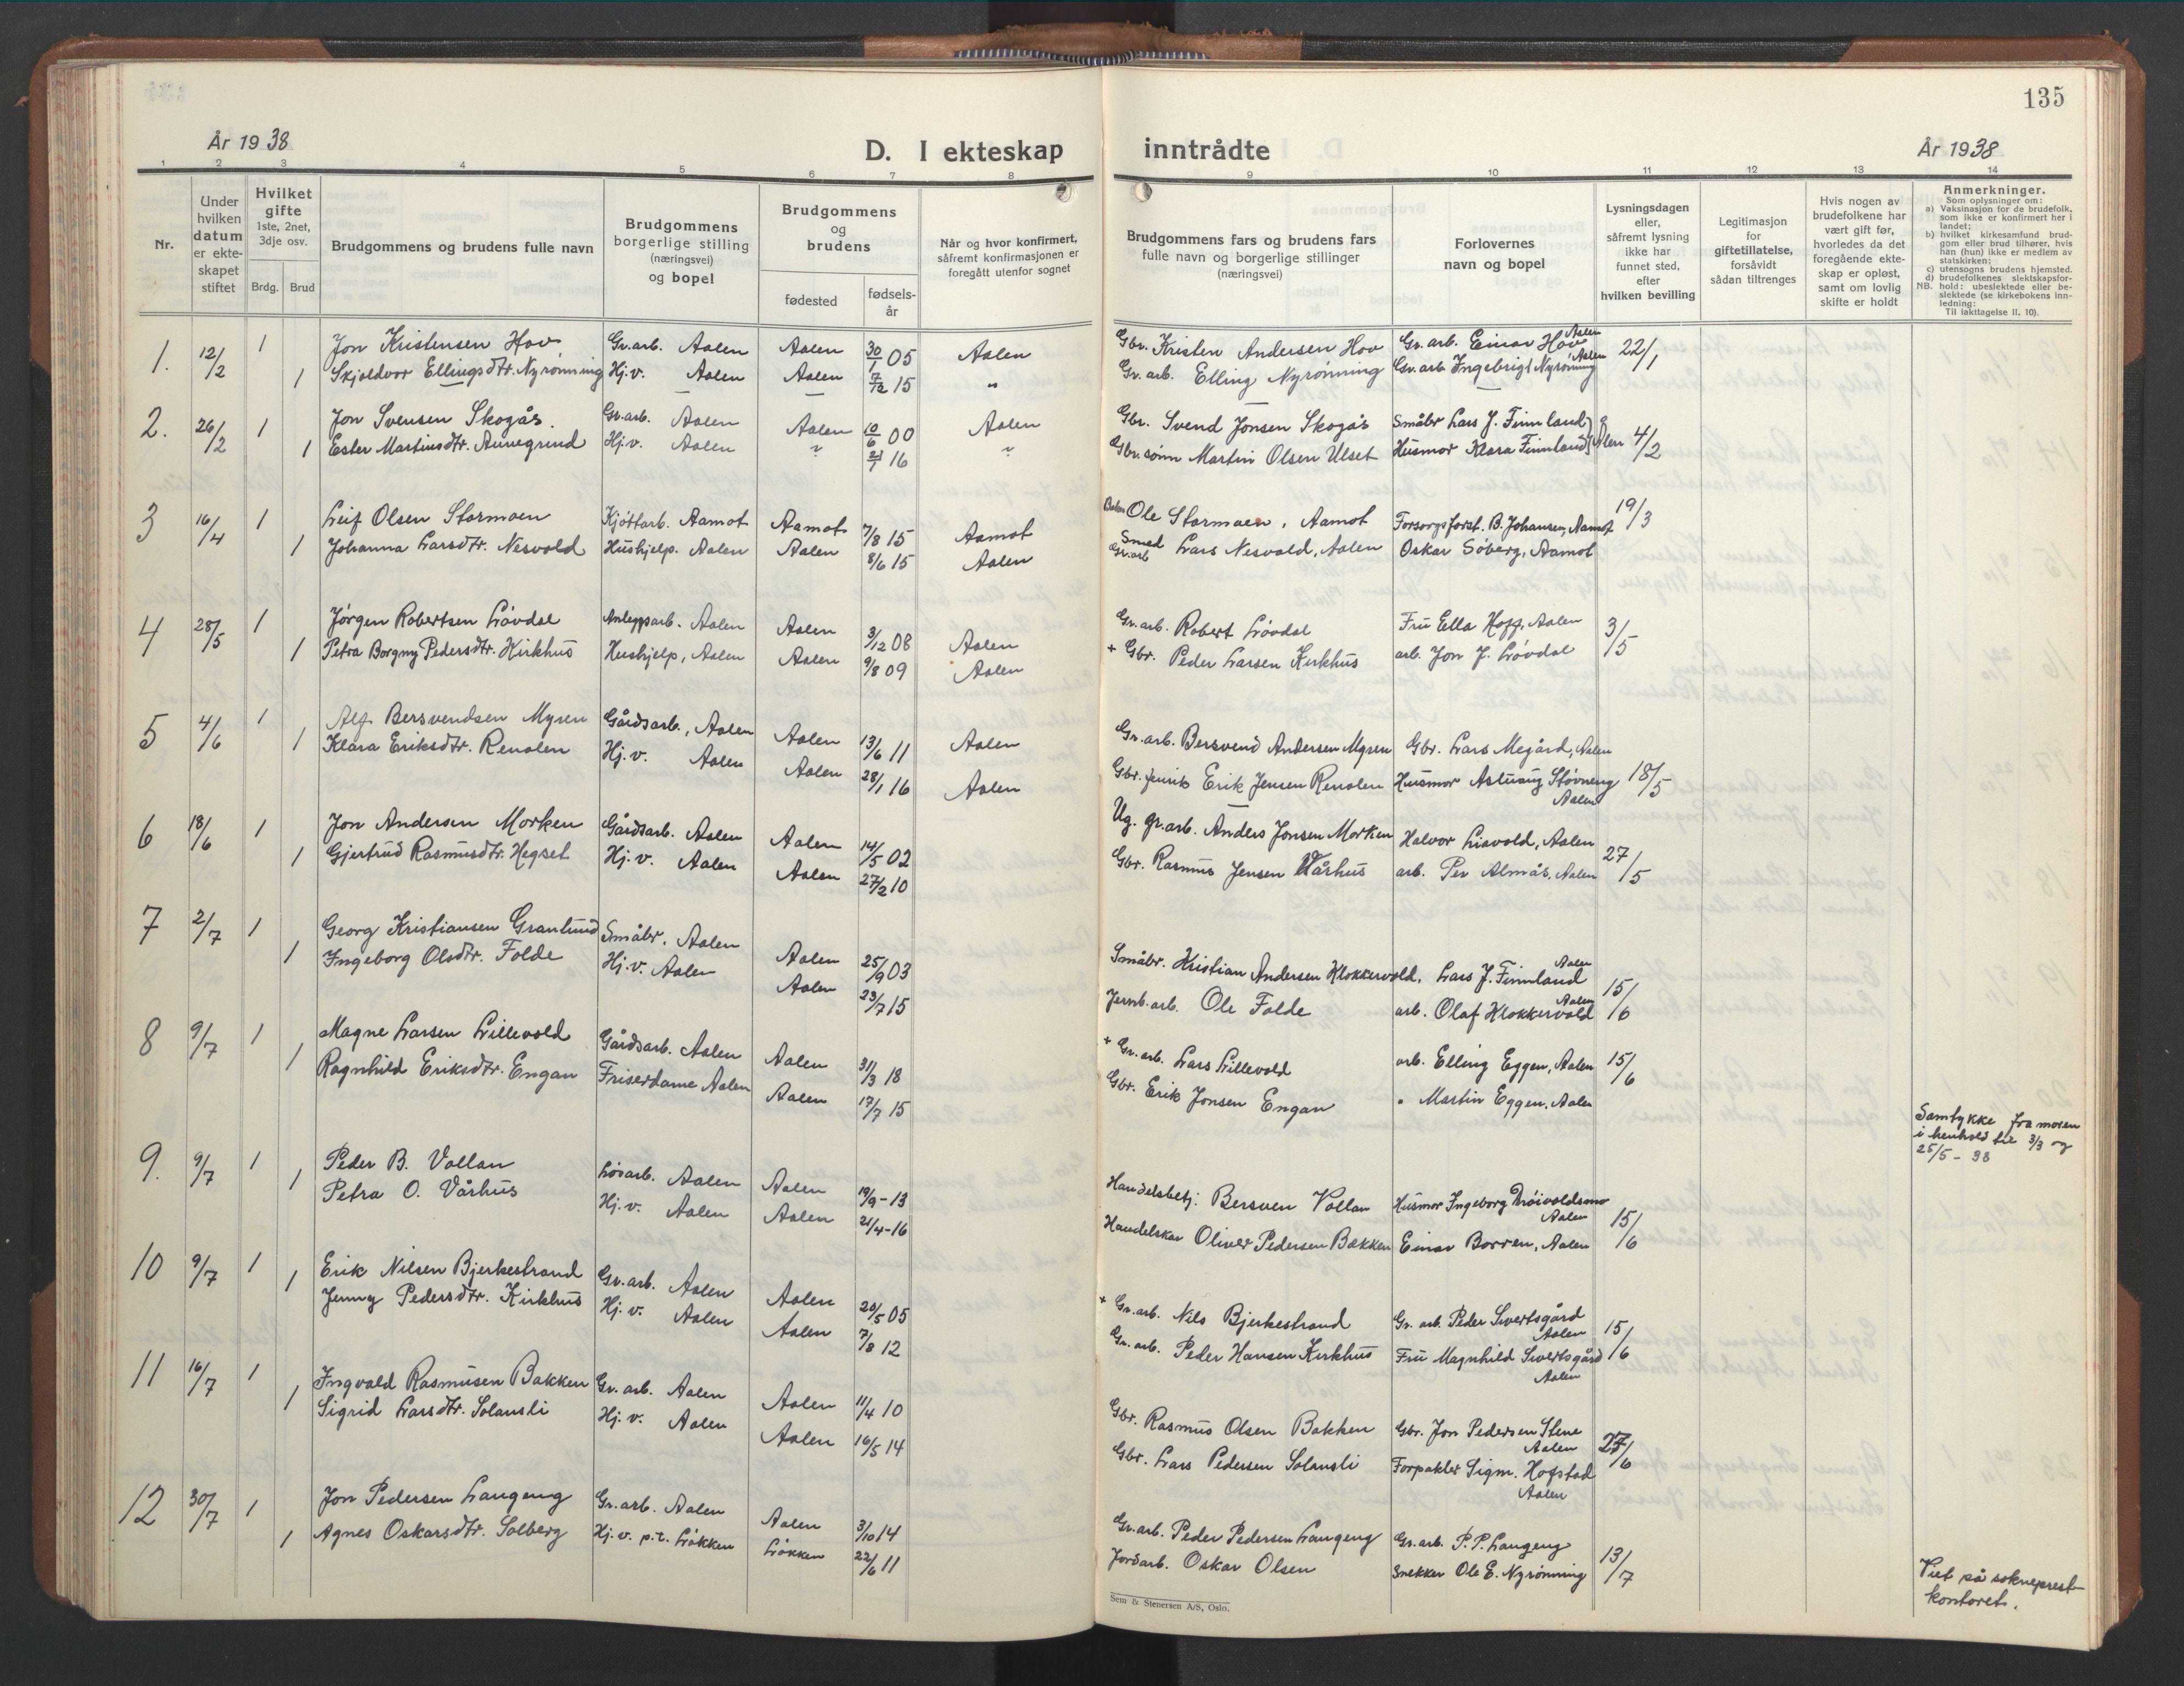 SAT, Ministerialprotokoller, klokkerbøker og fødselsregistre - Sør-Trøndelag, 686/L0986: Klokkerbok nr. 686C02, 1933-1950, s. 135